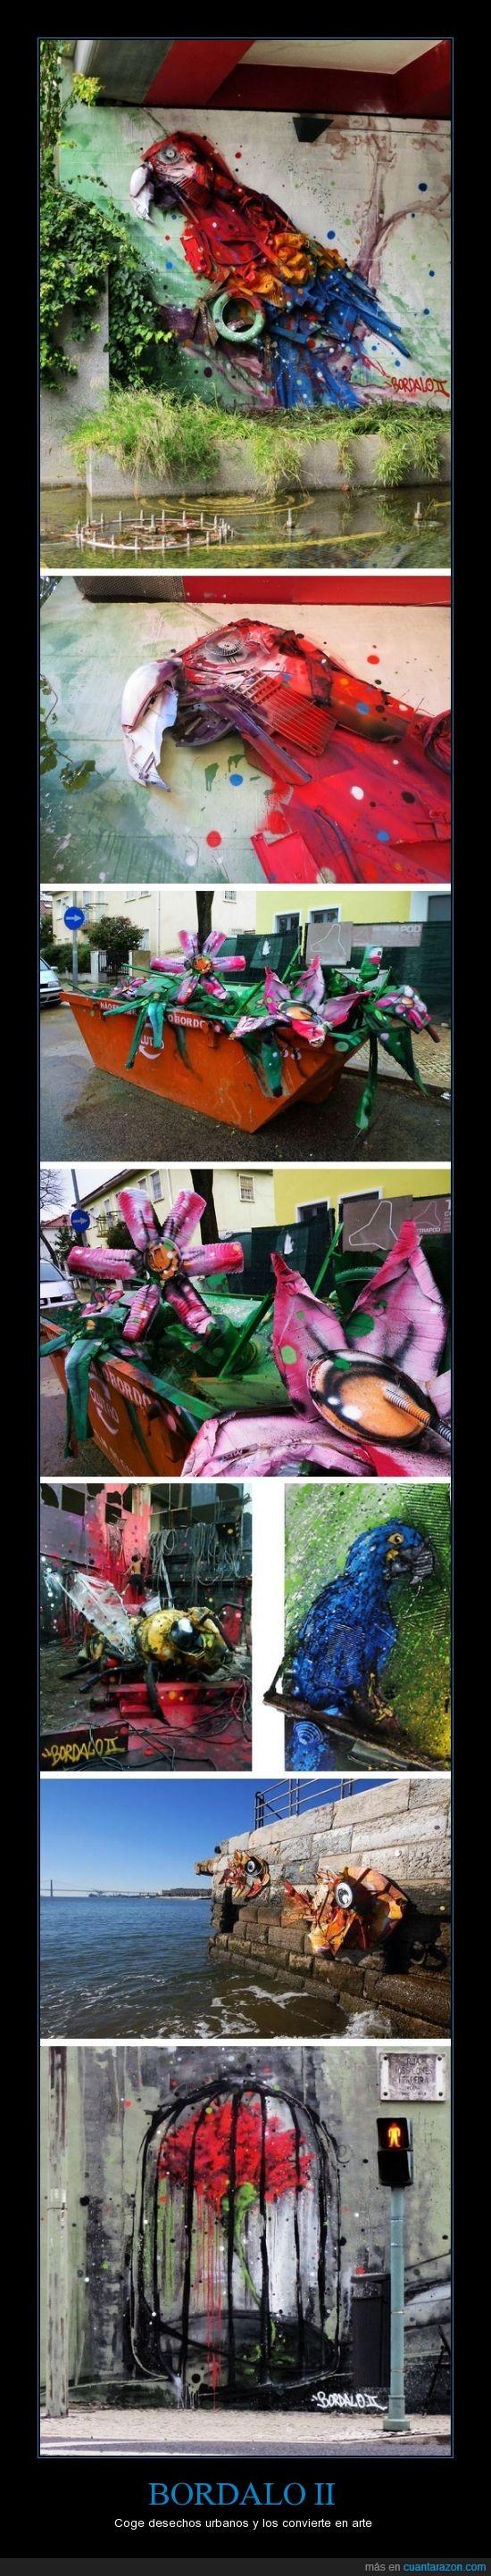 arte,Bordalo II,desechos urbanos,pintura